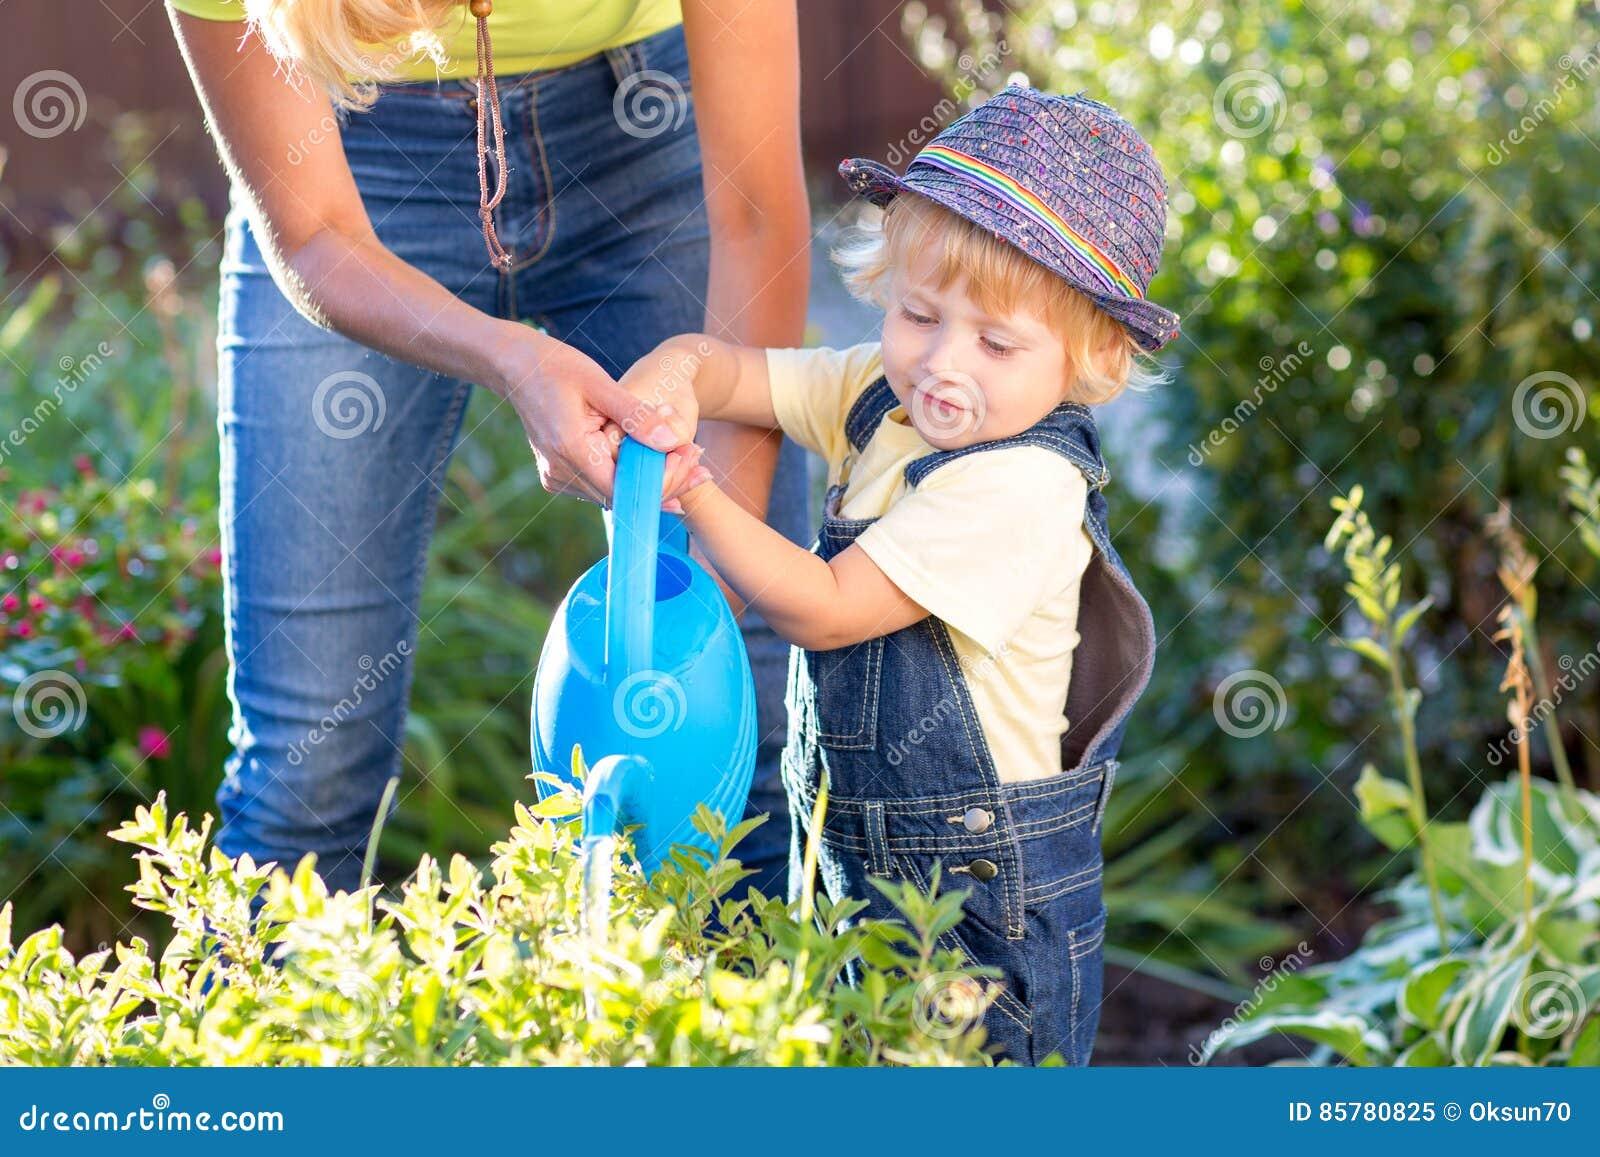 与工作在庭院里的妈妈的孩子 儿童浇灌的花 母亲帮助小儿子